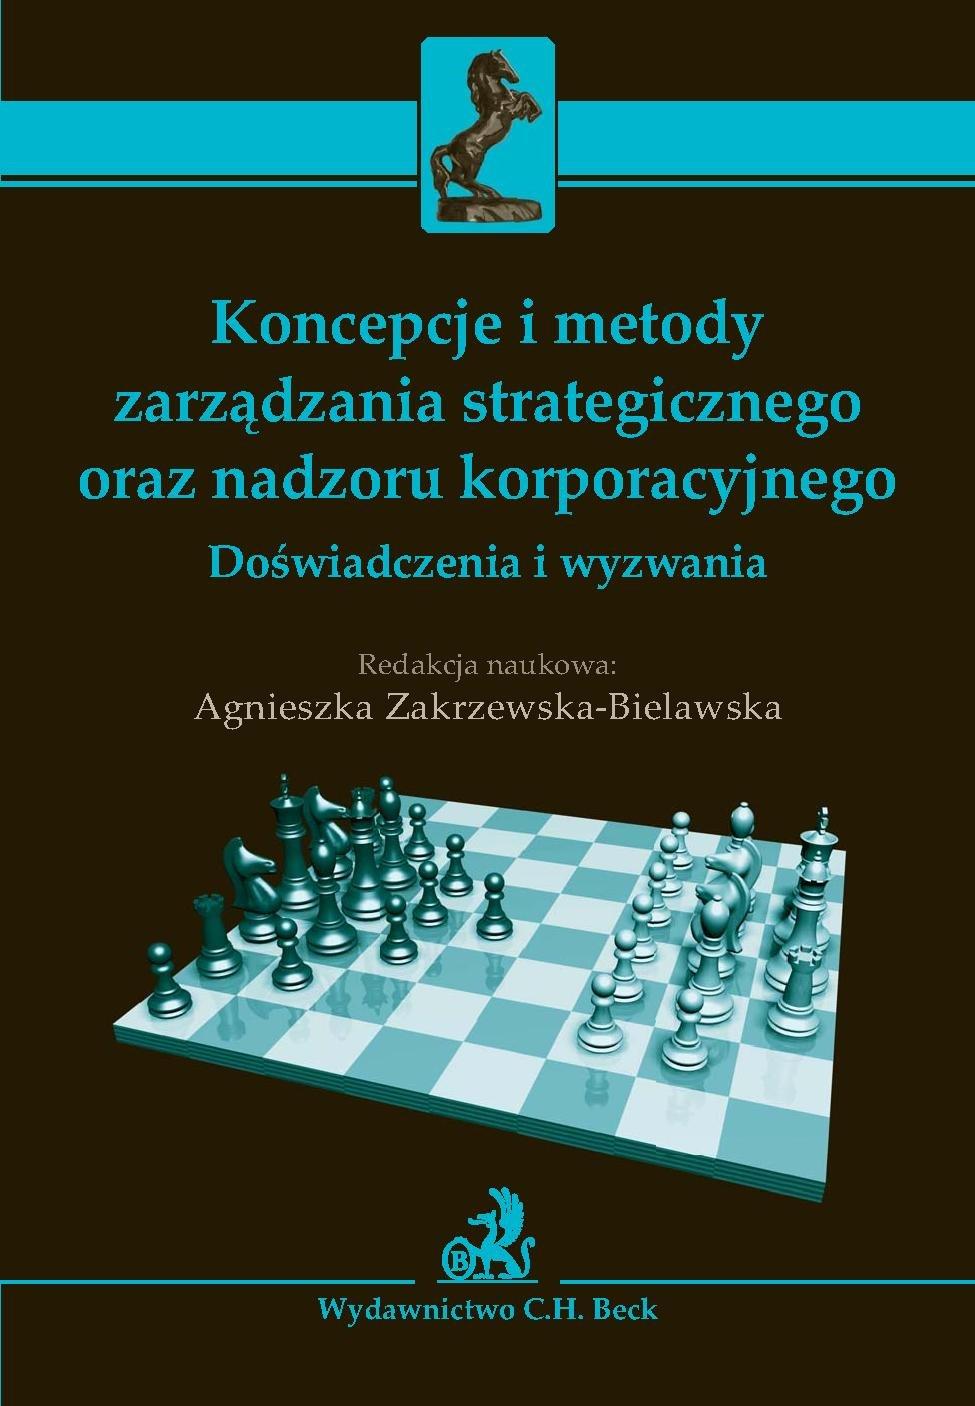 Koncepcje i metody zarządzania strategicznego oraz nadzoru korporacyjnego. Doświadczenia i wyzwania - Ebook (Książka PDF) do pobrania w formacie PDF